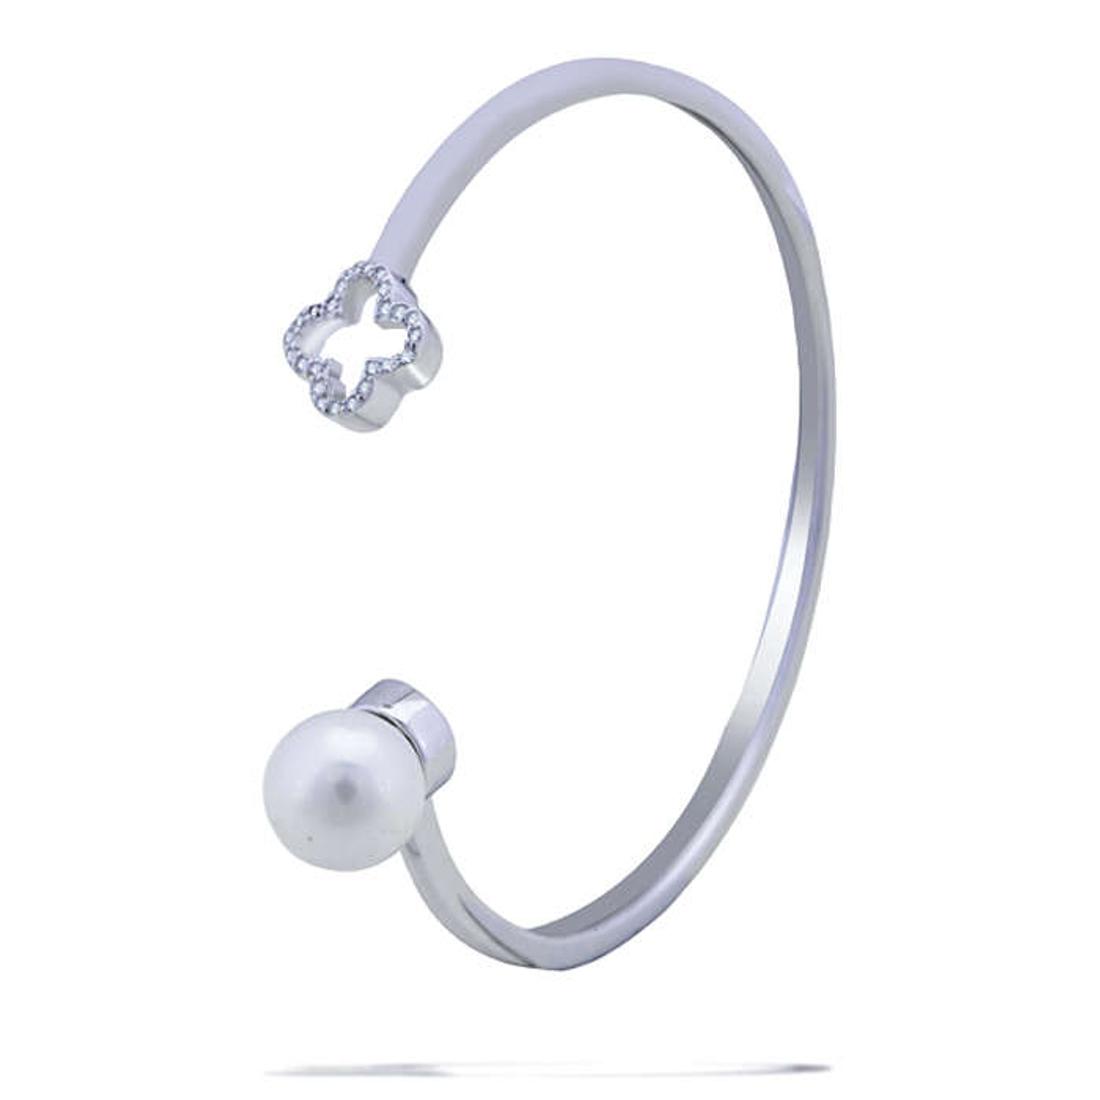 Silver Shine 92.5 Sterling SilverPlus & Pearl Silver Hard Bracelet for Women & Girls